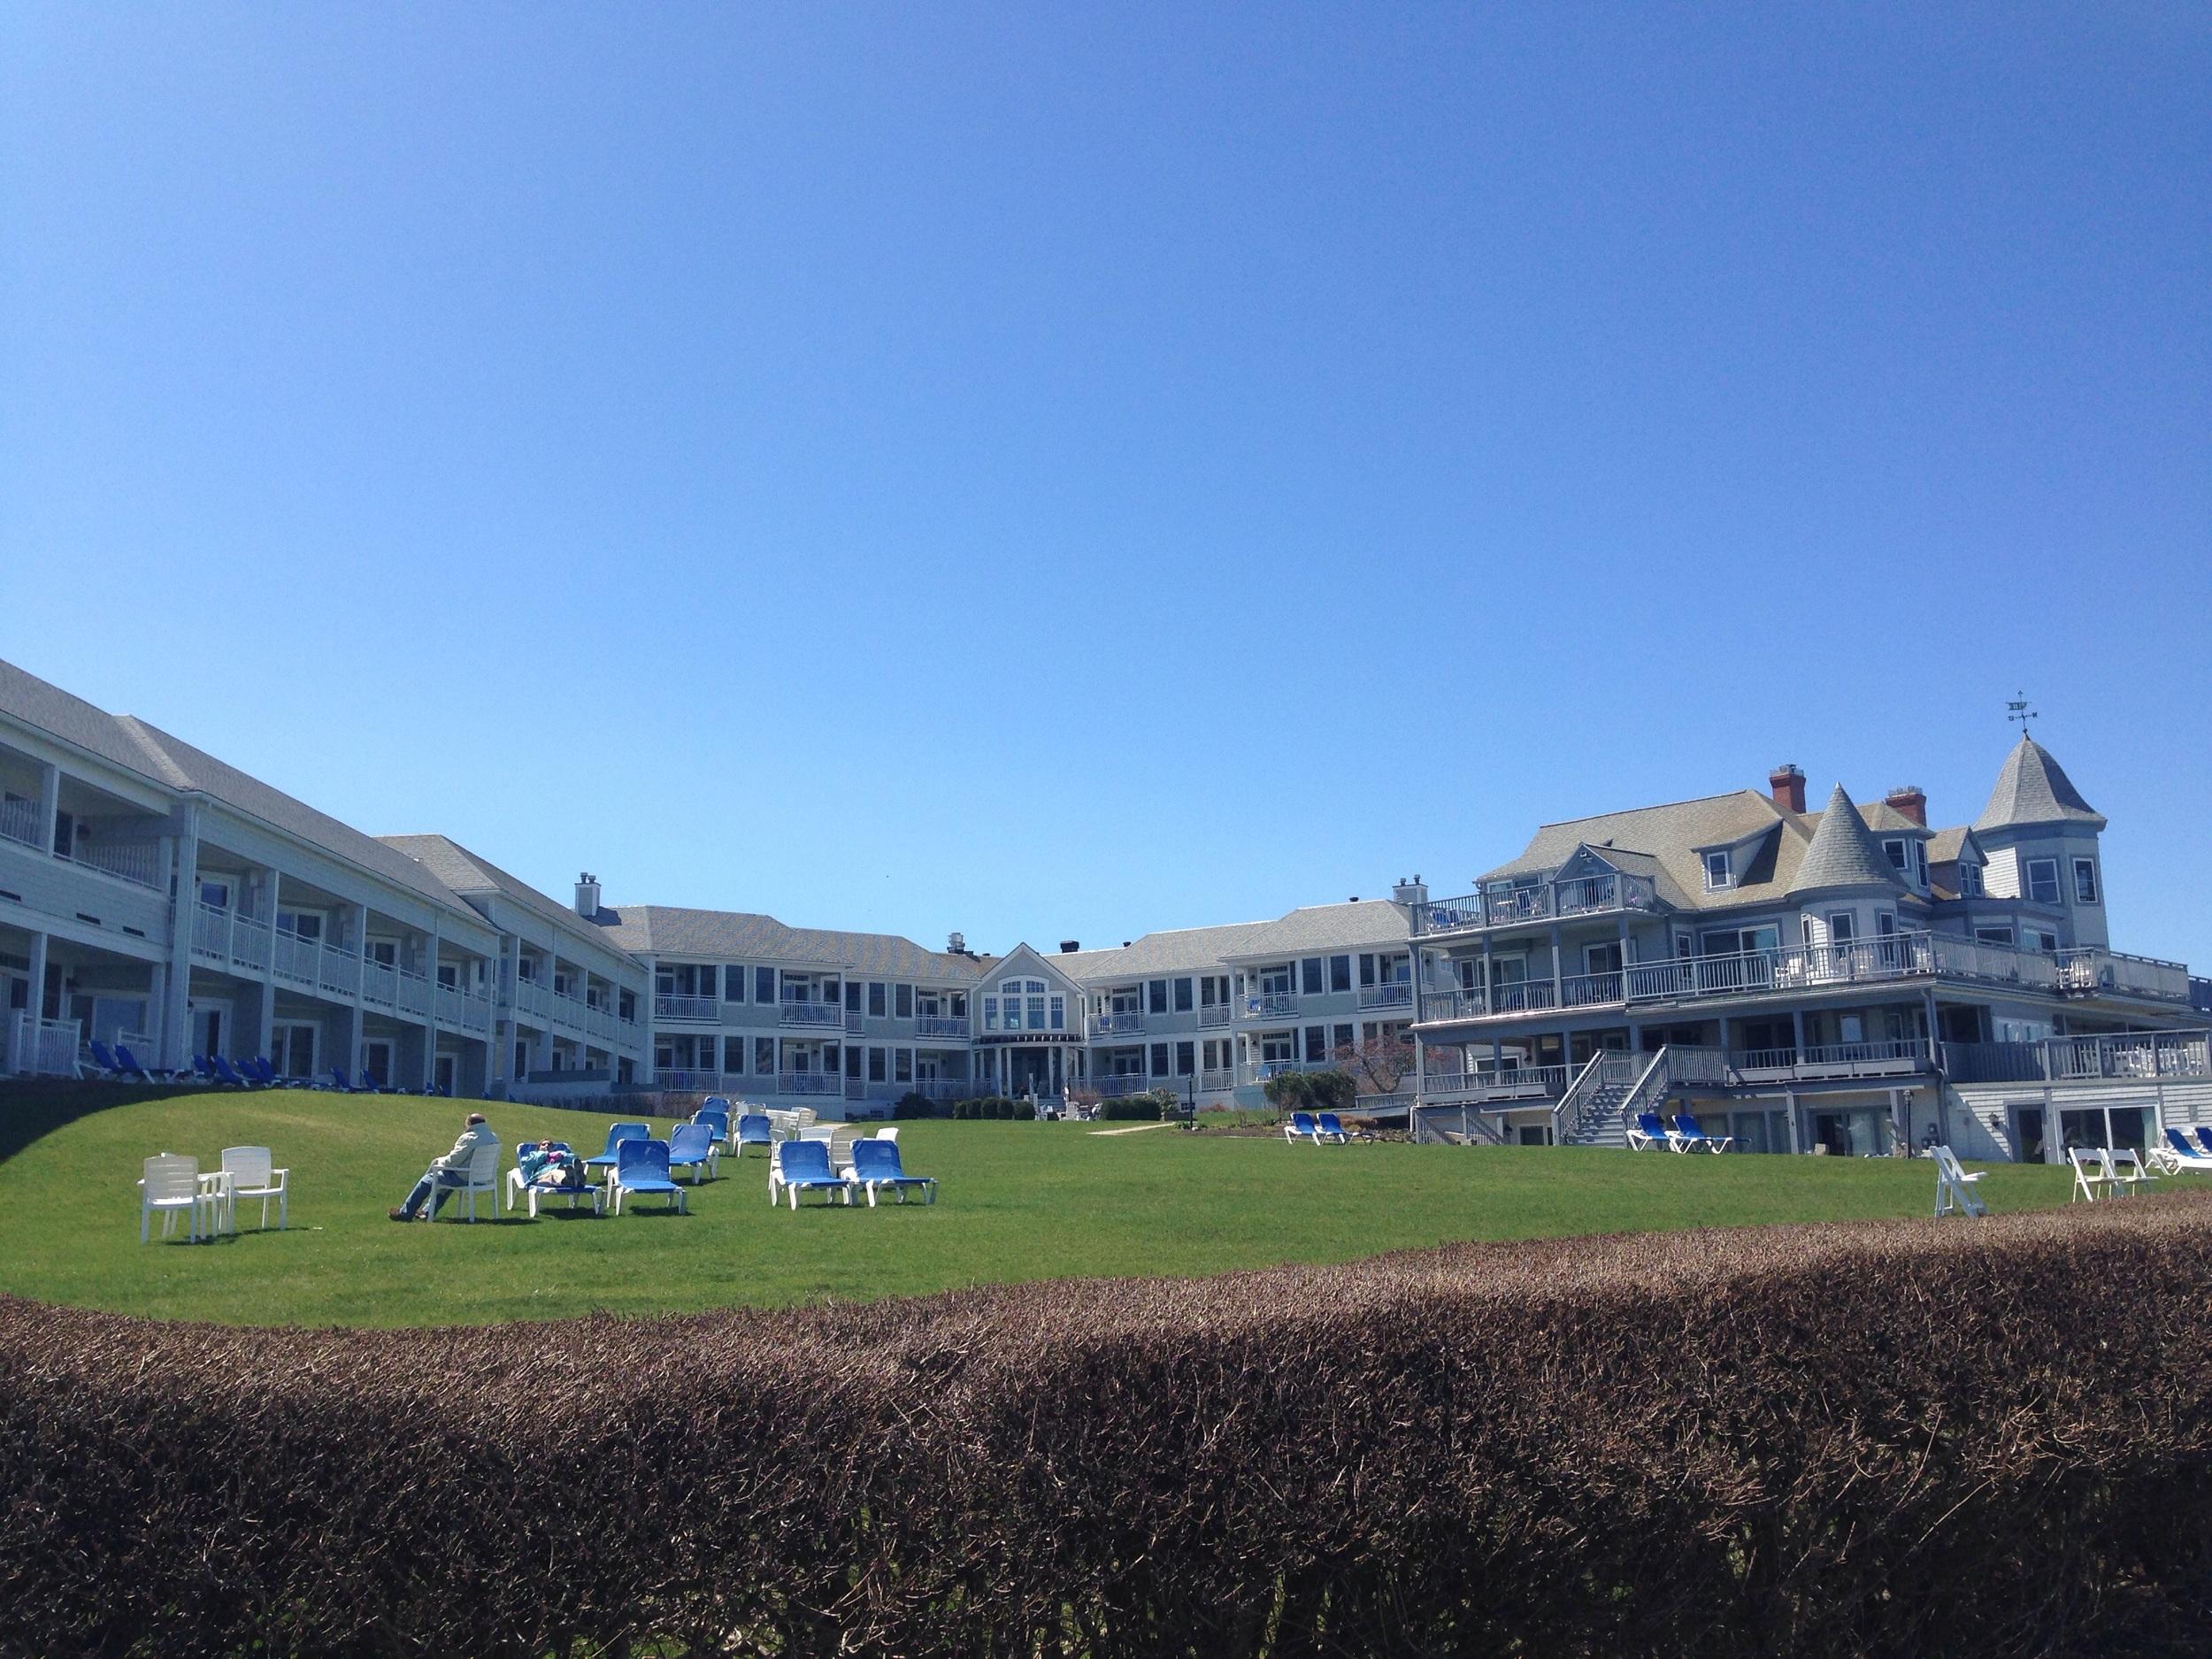 The Beachmere Inn